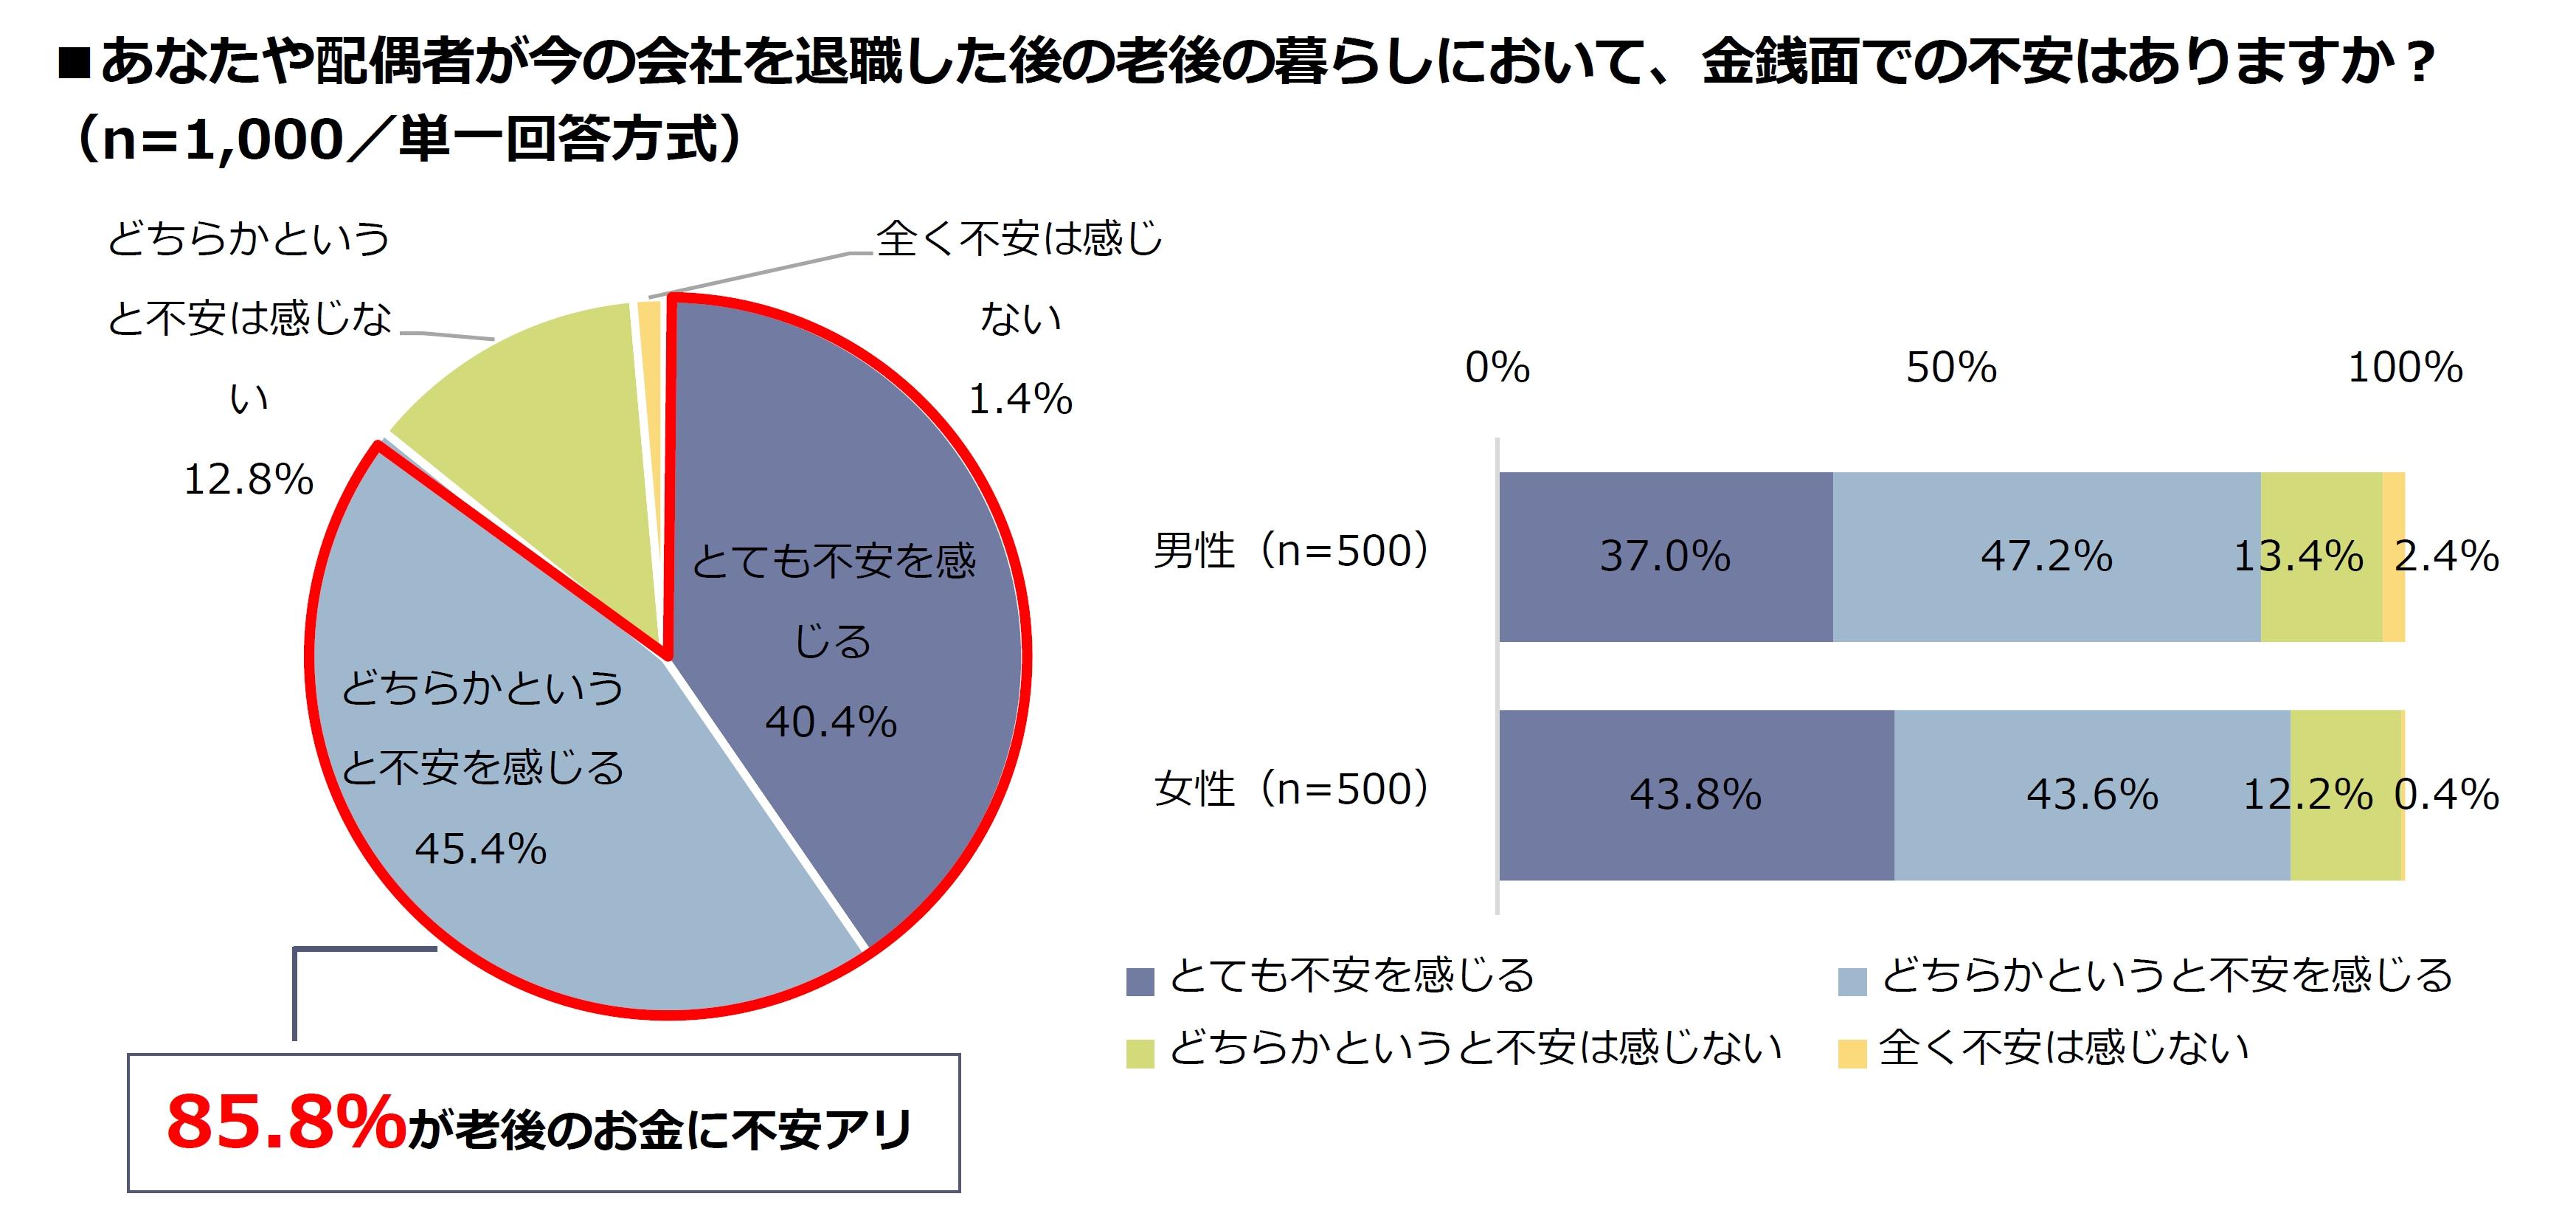 人生100年時代、ボーッと生きてたら老後はピンチ!?50代会社員夫婦の定年対策 実態調査【第2弾】<br />6割が再就職時のキャリアに自信アリと回答 一方、定年退職後の暮らしは85.8%が金銭面で不安あり<br />定年後は希望通りの働き方や暮らし方ができないと思う 49.5%<br />年金受給額 「しっかり把握できている」 もわずか1割